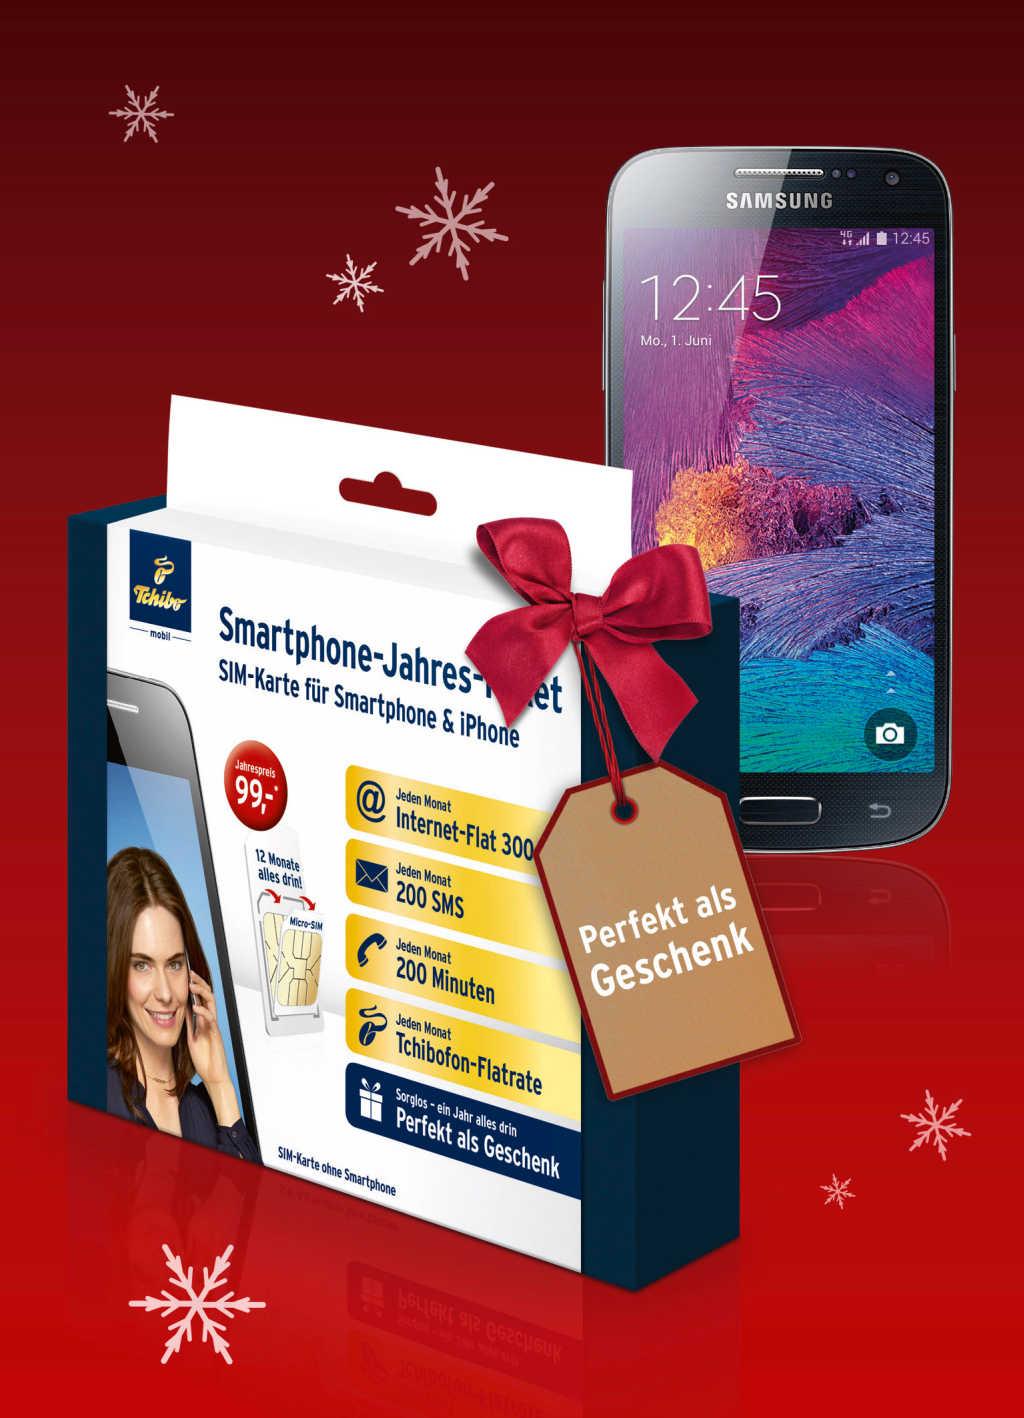 Tchibo Mobil: Smartphone Jahrespaket für einmalig 99 Euro